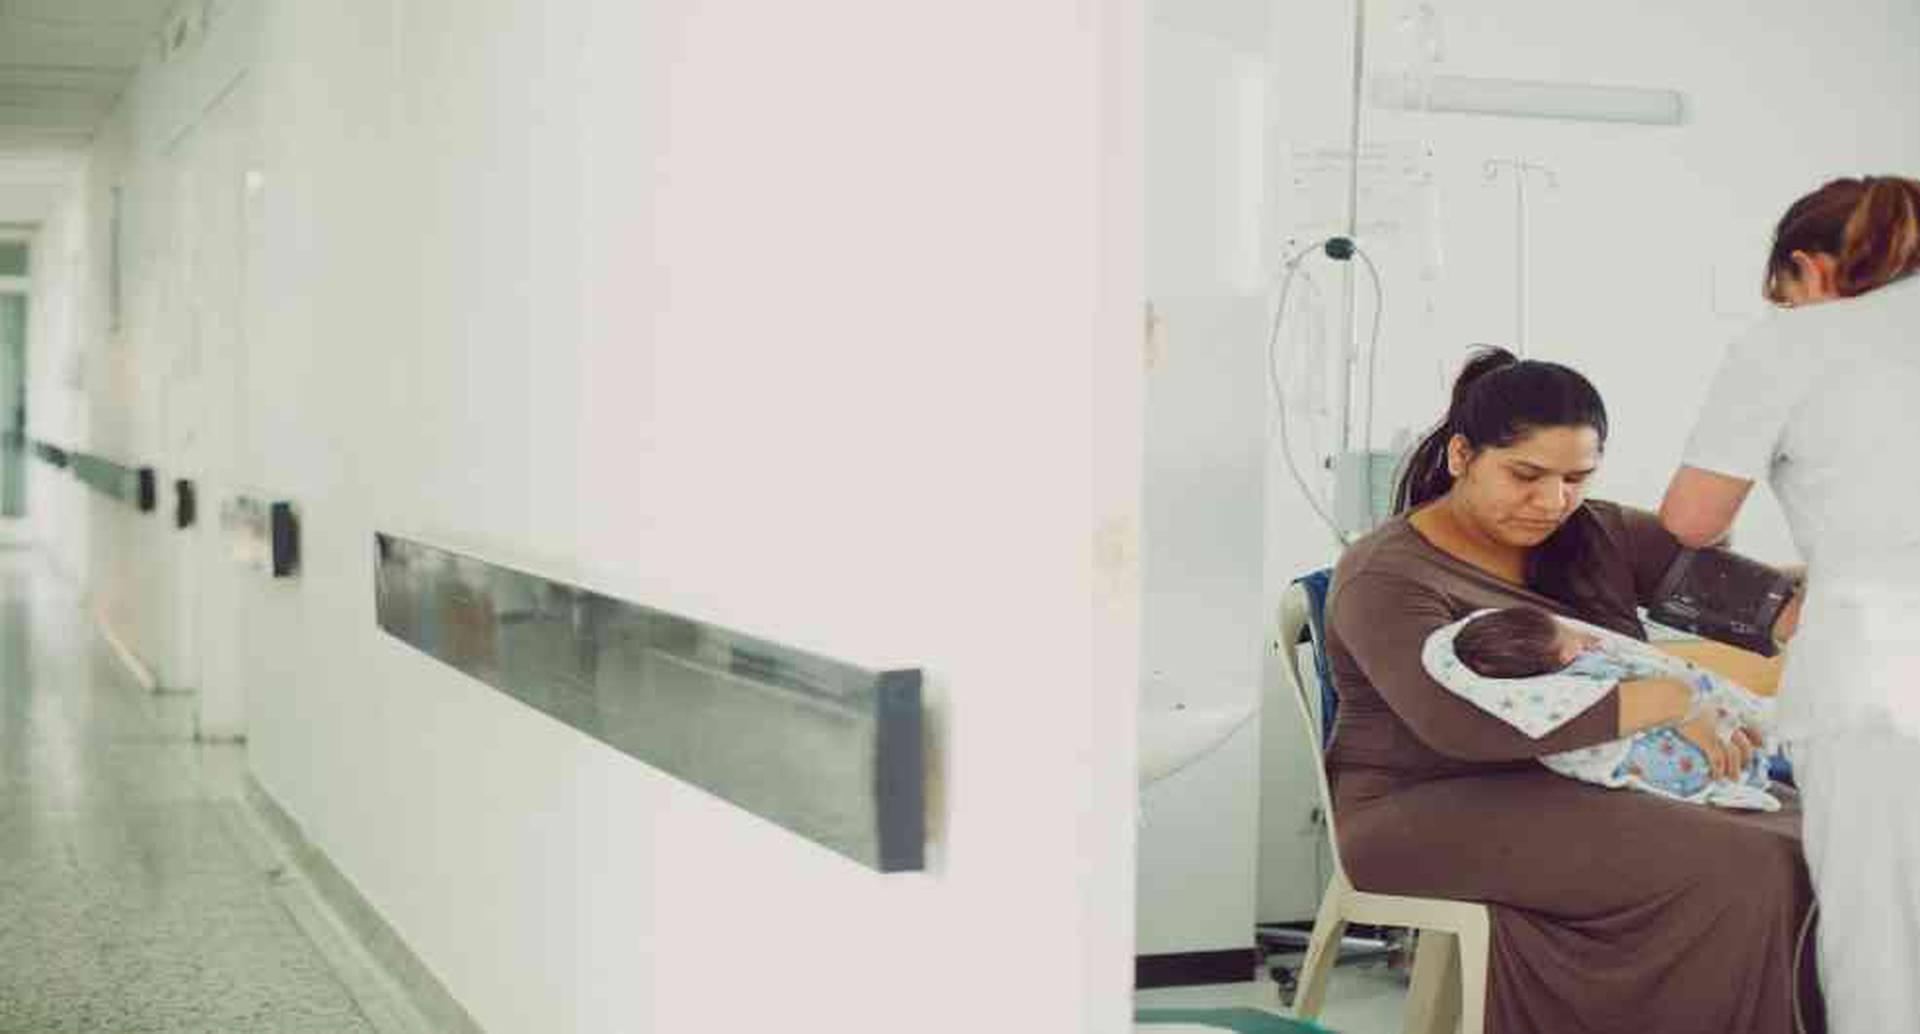 La Clínica de Movilidad ha tenido que interponer tutelas para que las mujeres gestantes migrantes accedan a servicios de salud.